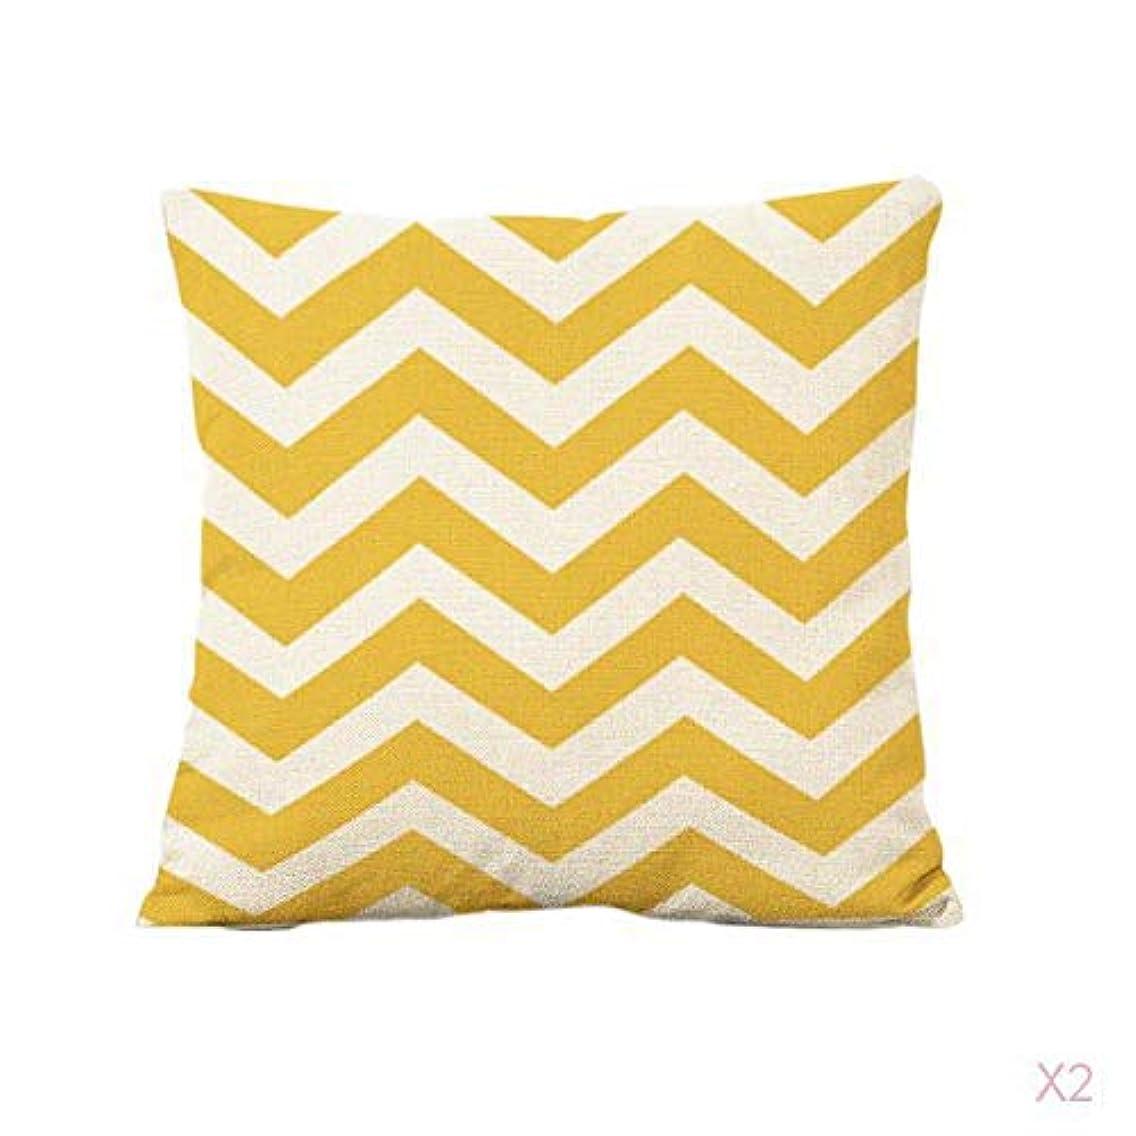 ダンス塊ギター黄色のホームオフィスのソファの装飾波ストライプリネン枕カバークッションカバー